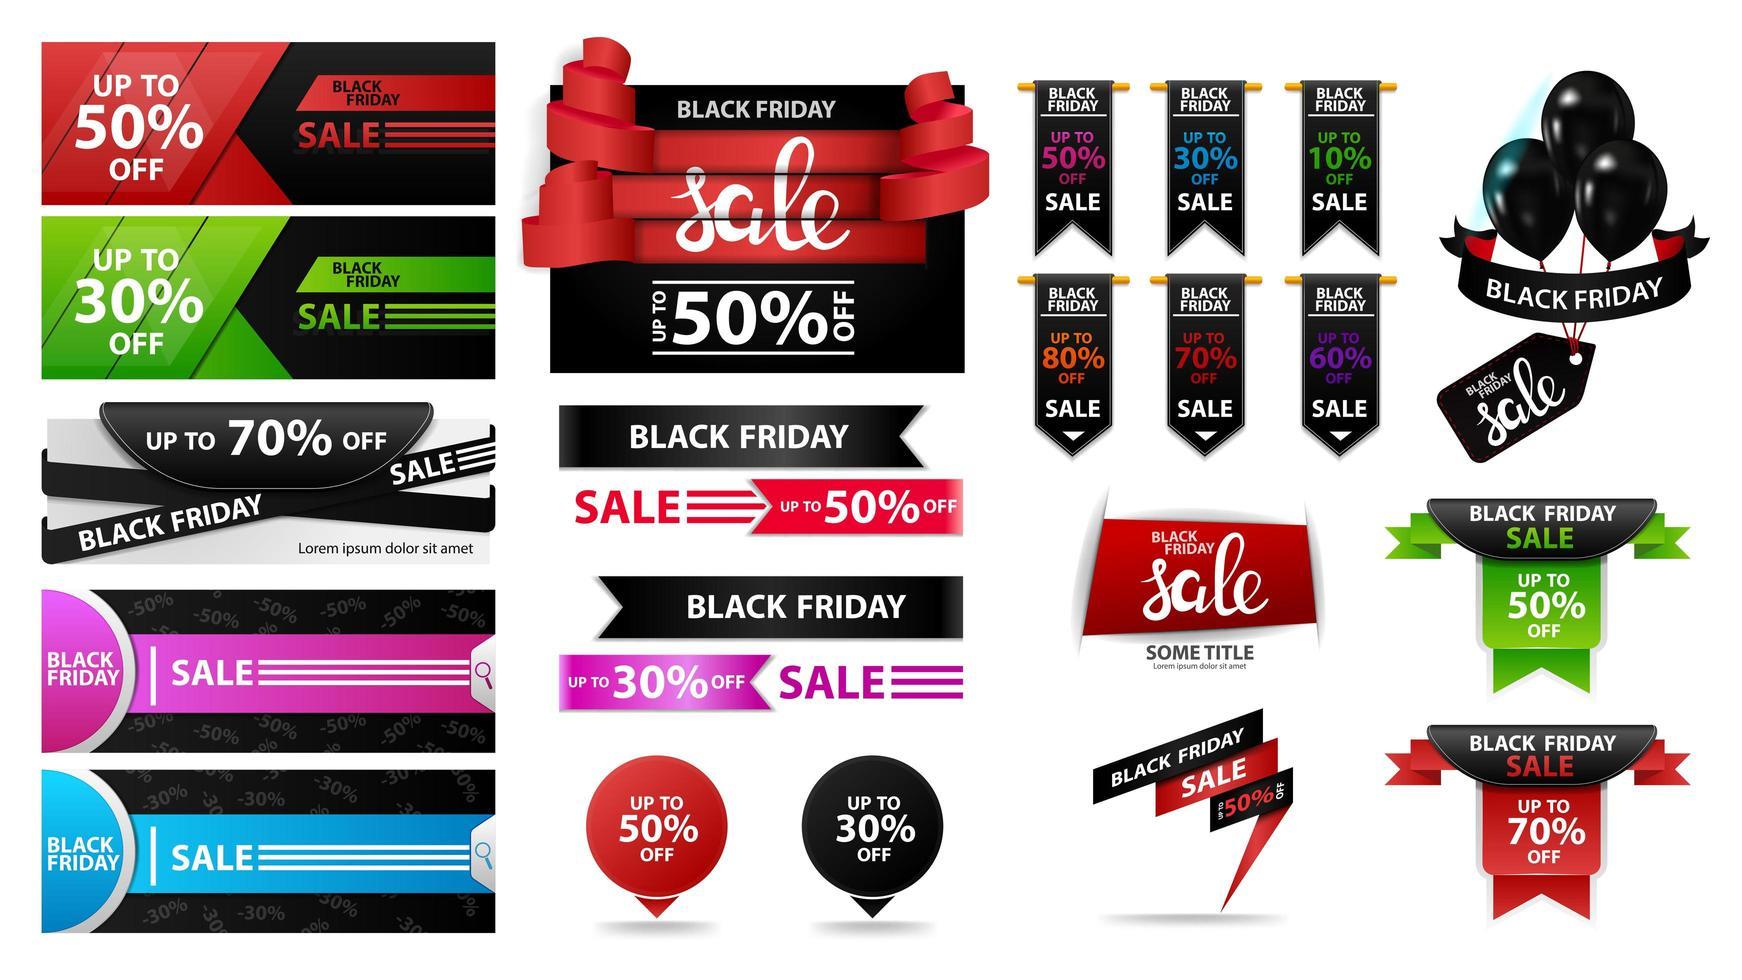 grande conjunto de banners de venda sexta-feira negra com desconto vetor